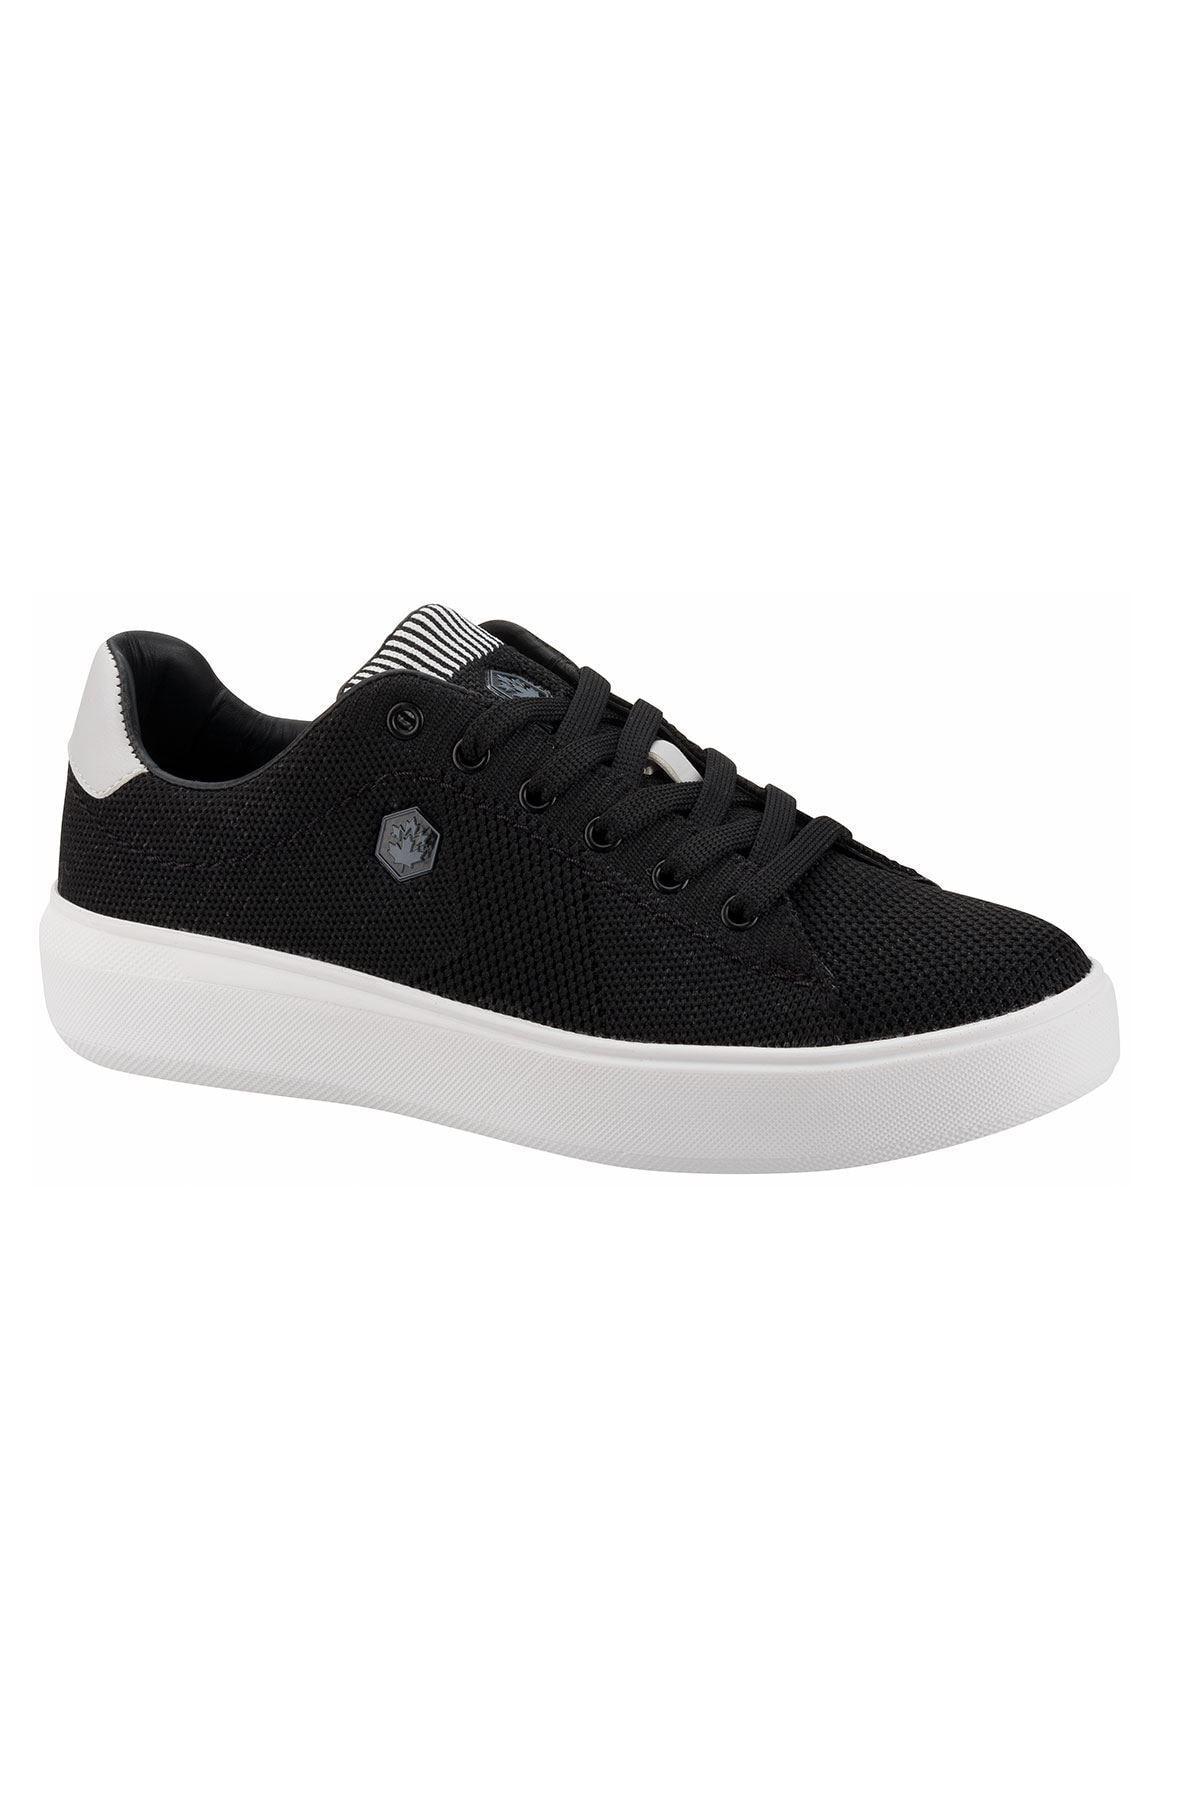 ODINA KNITTING 1FX Siyah Kadın Havuz Taban Sneaker 100911355